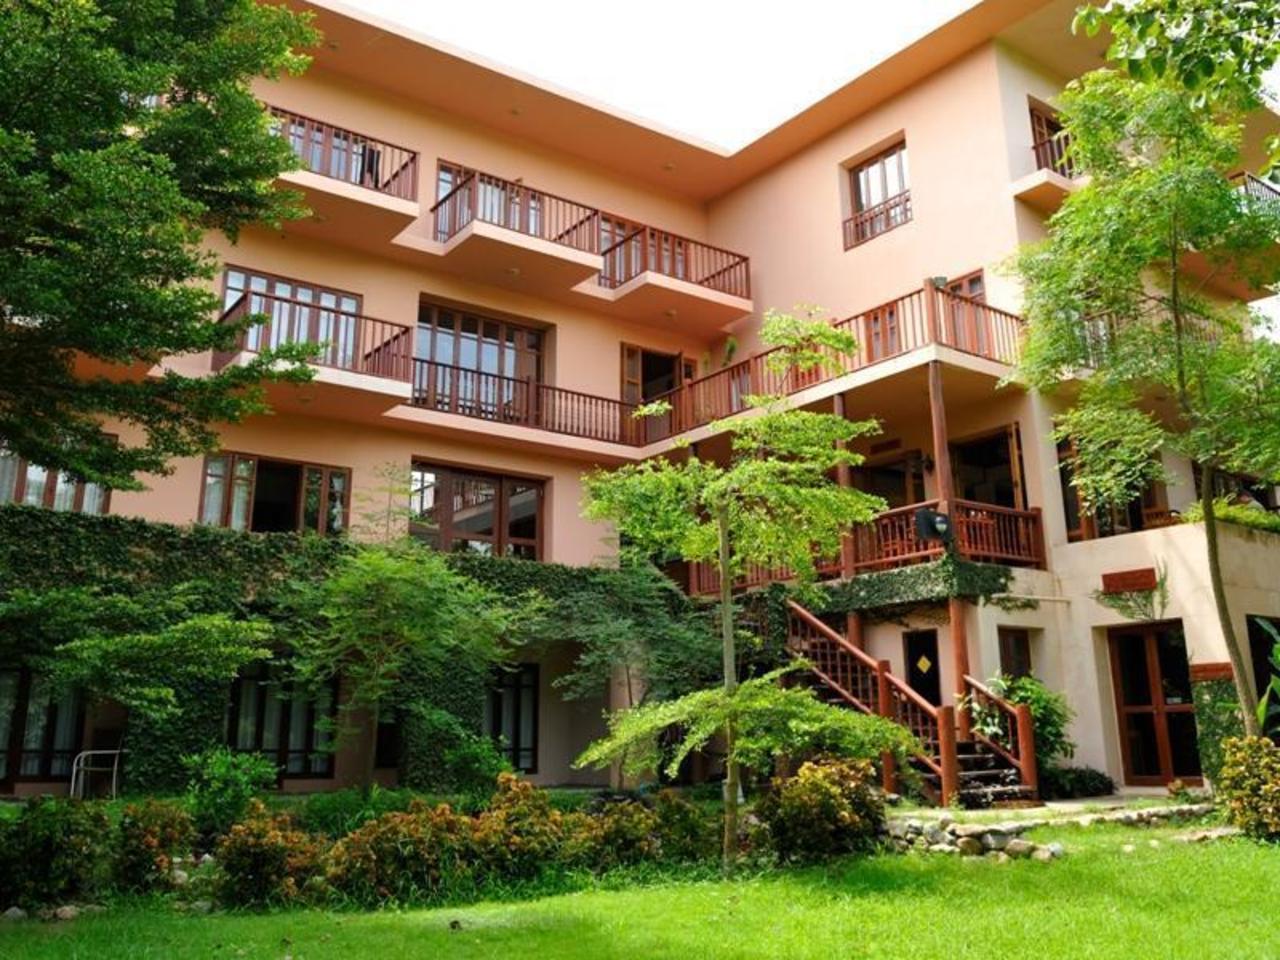 ริเวอร์ เฮาส์ รีสอร์ท (River House Resort)